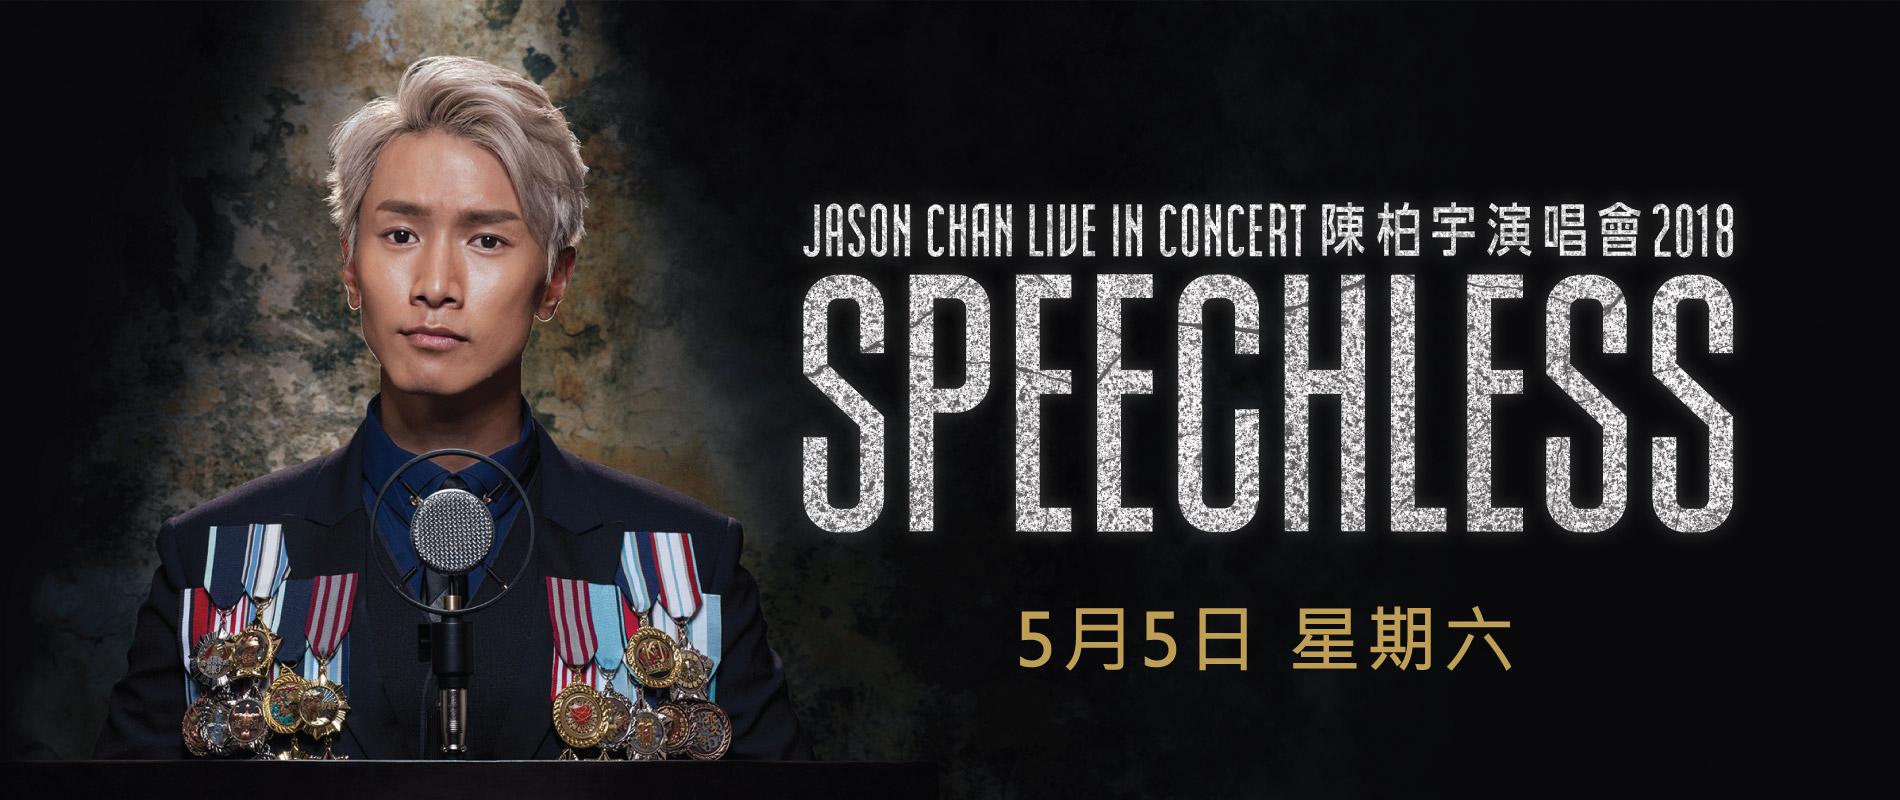 陳柏宇Speechless Live In Concert 2018演唱會 澳門站